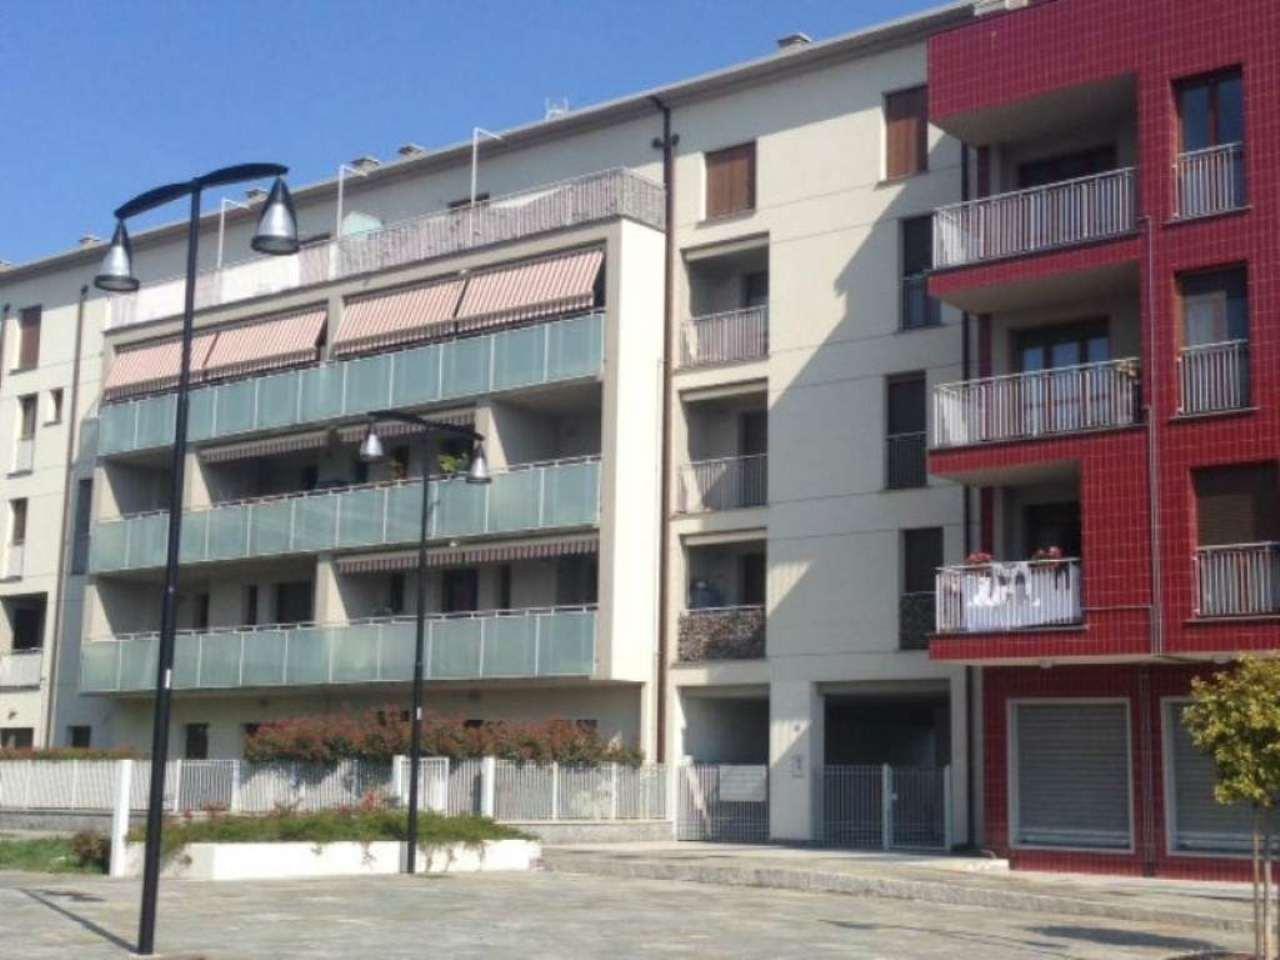 Bilocale Cologno Monzese Viale Lombardia 9